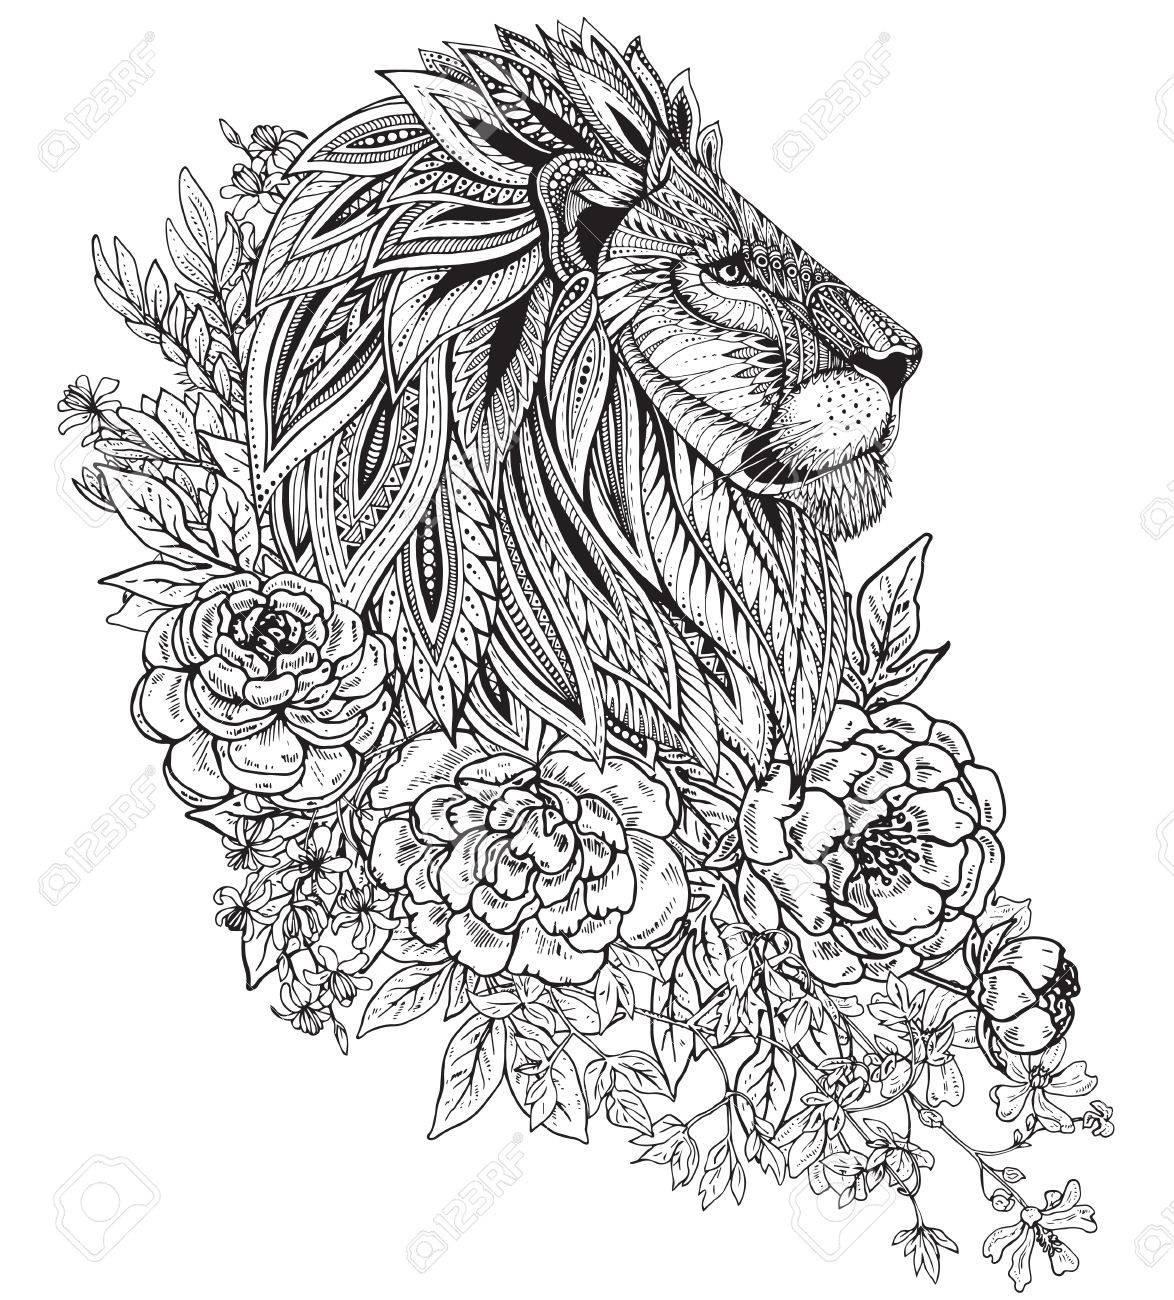 Hand Drawn Graphique Tete Ornee De Lion Avec Motif Ethnique Floral